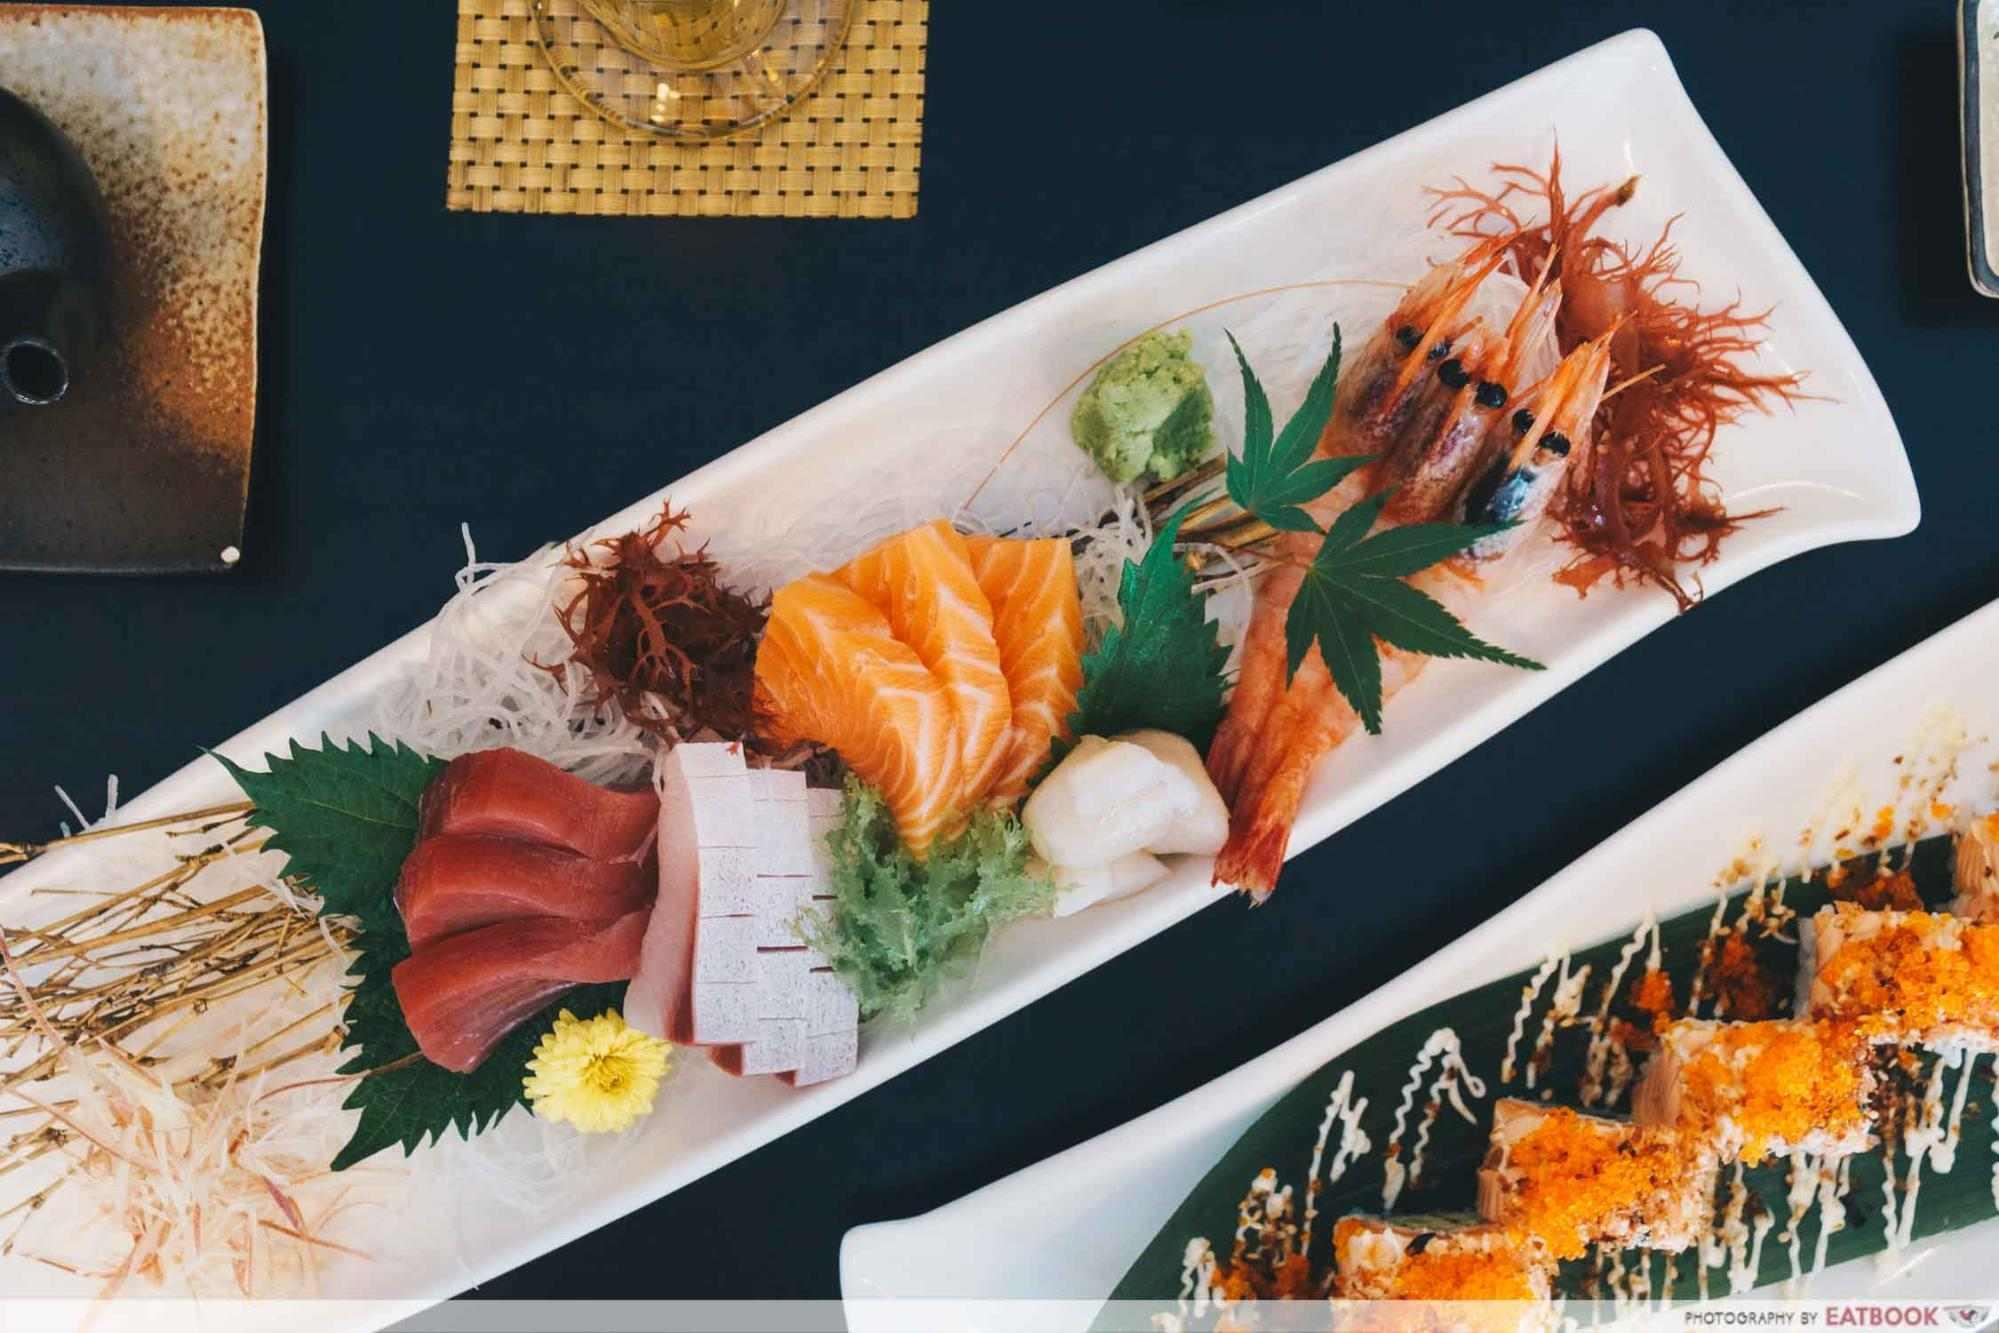 A plate of sashimi